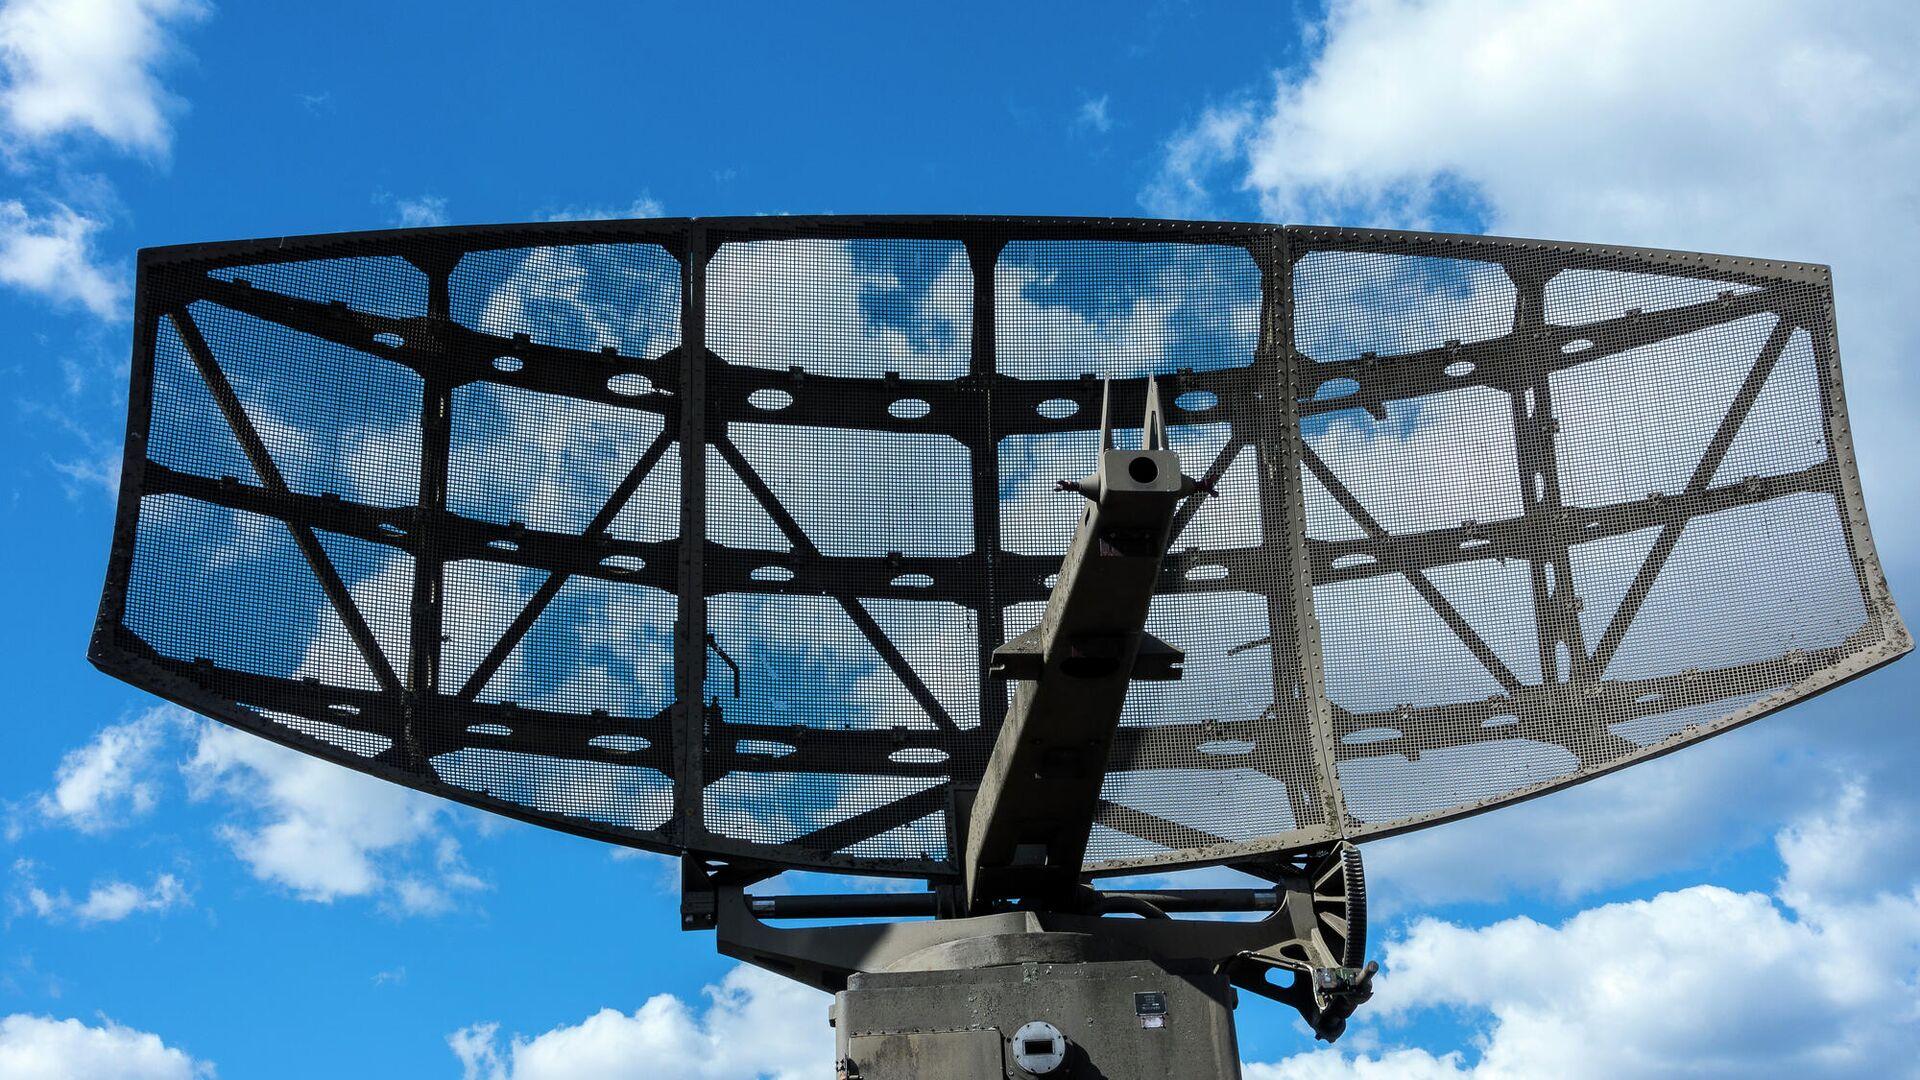 Антена радара - РИА Новости, 1920, 23.10.2020